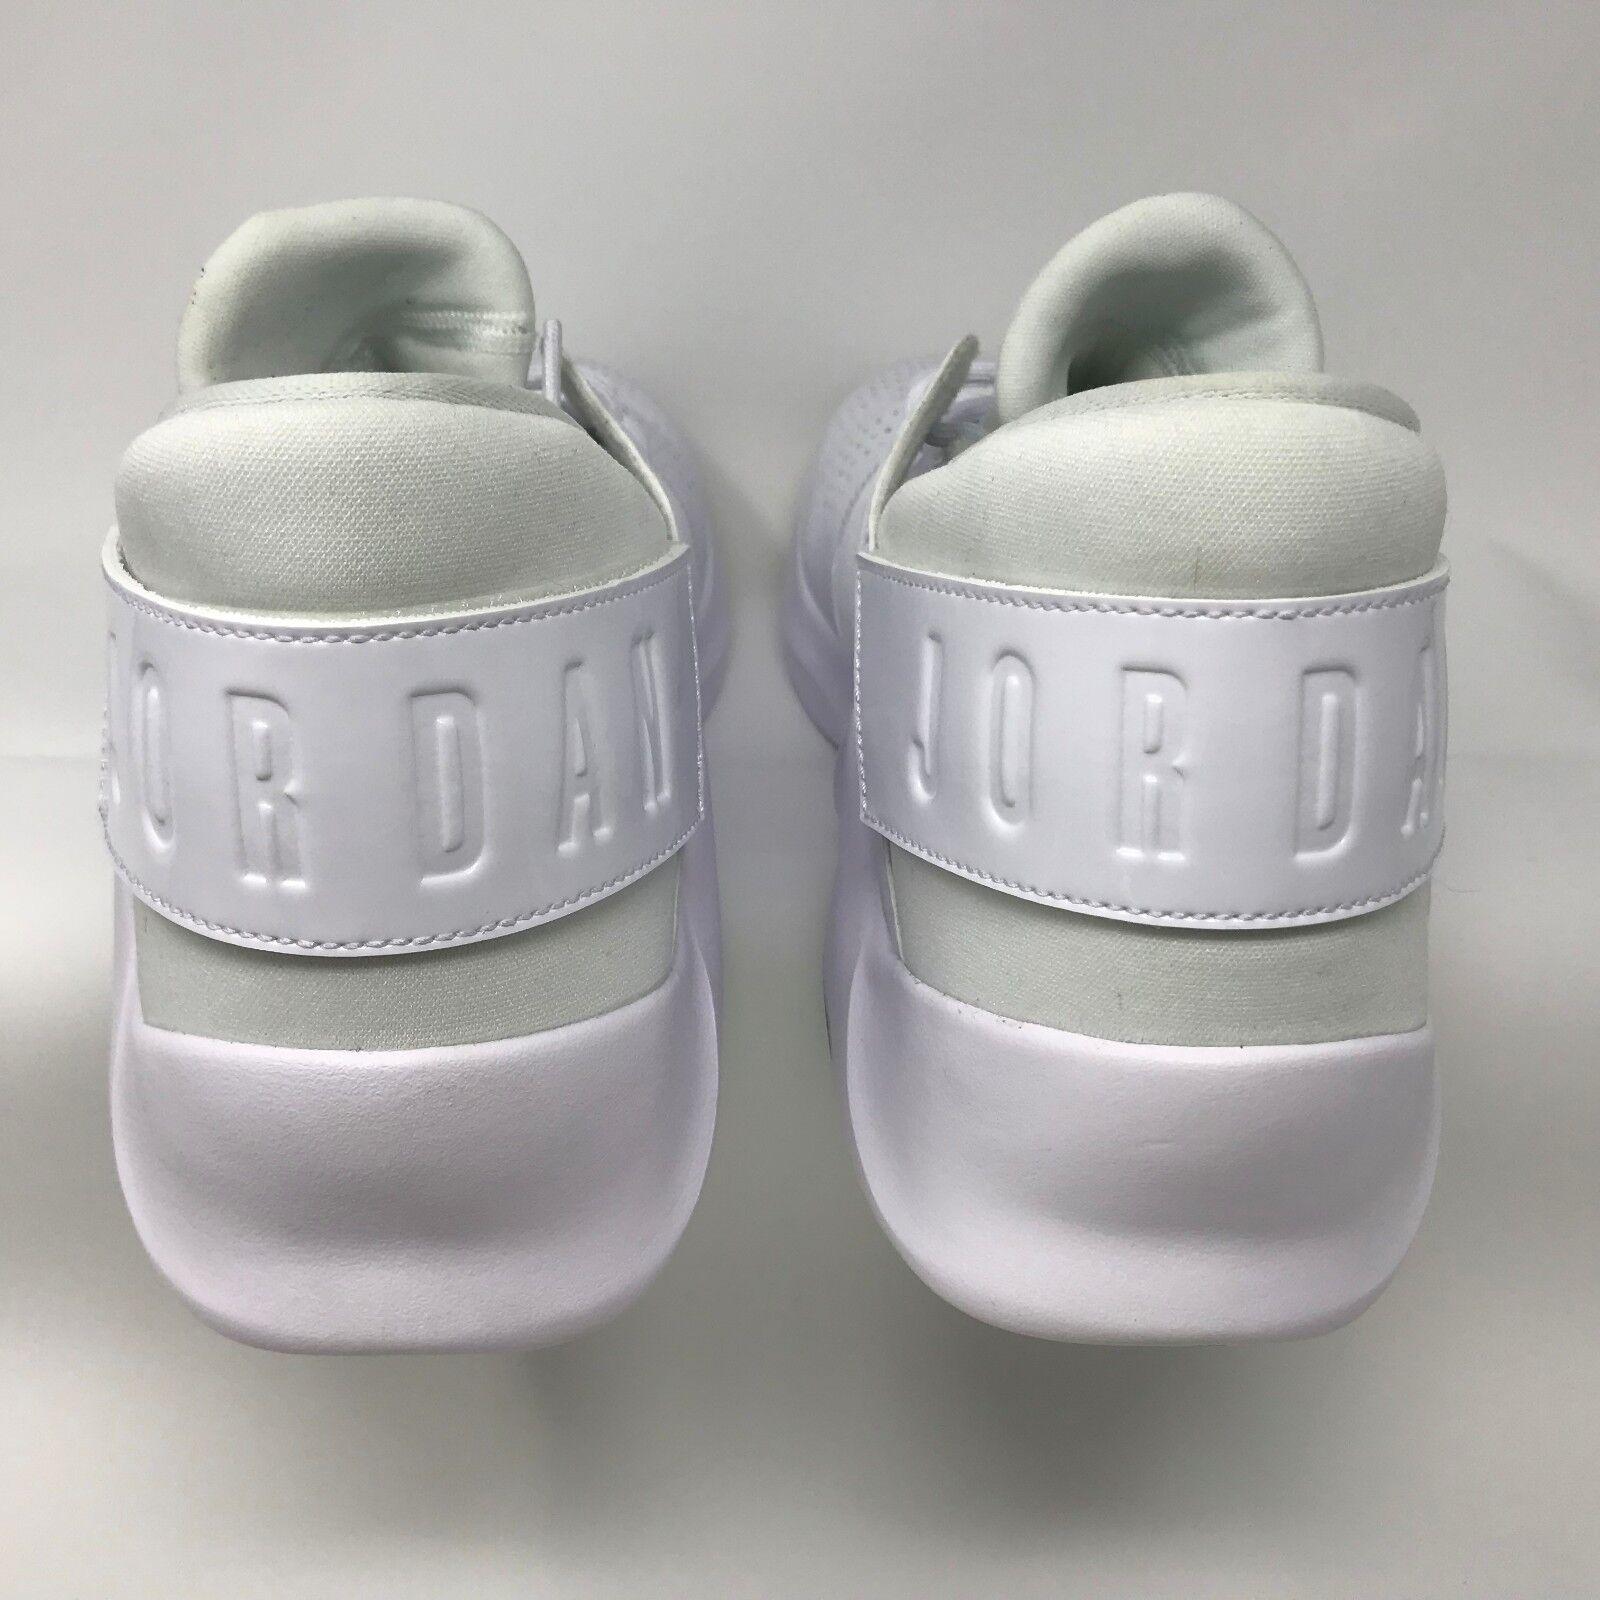 62270c4ef52fe3 ... Nike Jordan AH6462-100 Men s Flight Fresh Premium Low Basketball  Basketball Basketball White Size 12 ...